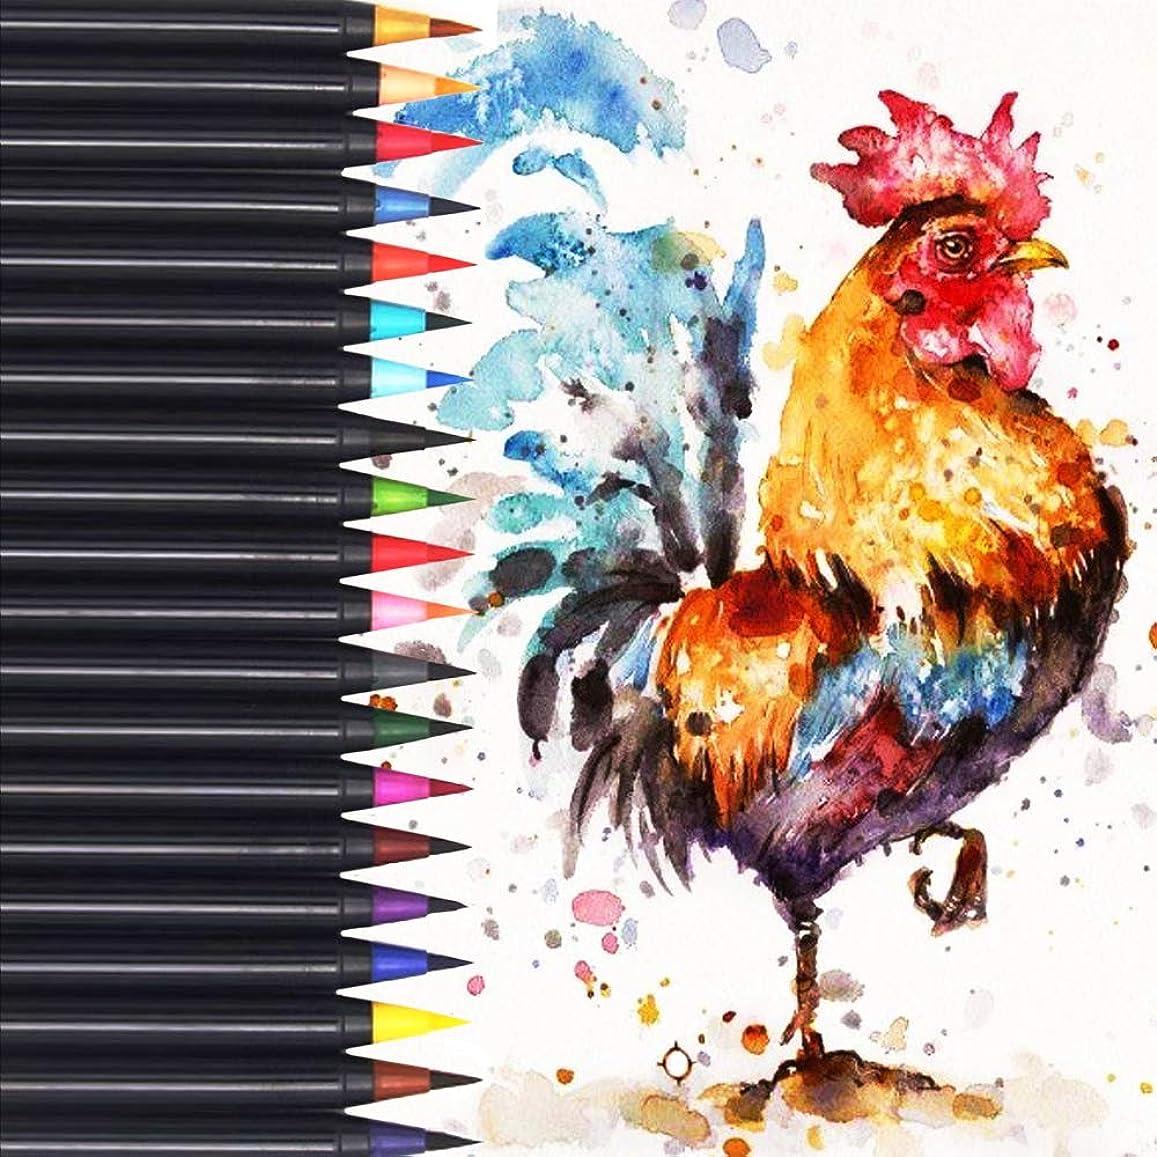 郵便リーン振る舞いEKKONG水彩毛筆 カラー筆ペン 20色セット 水性筆ペン 水彩ペン 絵描き 塗り絵 アートマーカー 美術用 事務用 画材 子供用画材 収納ケース付き (20 color)